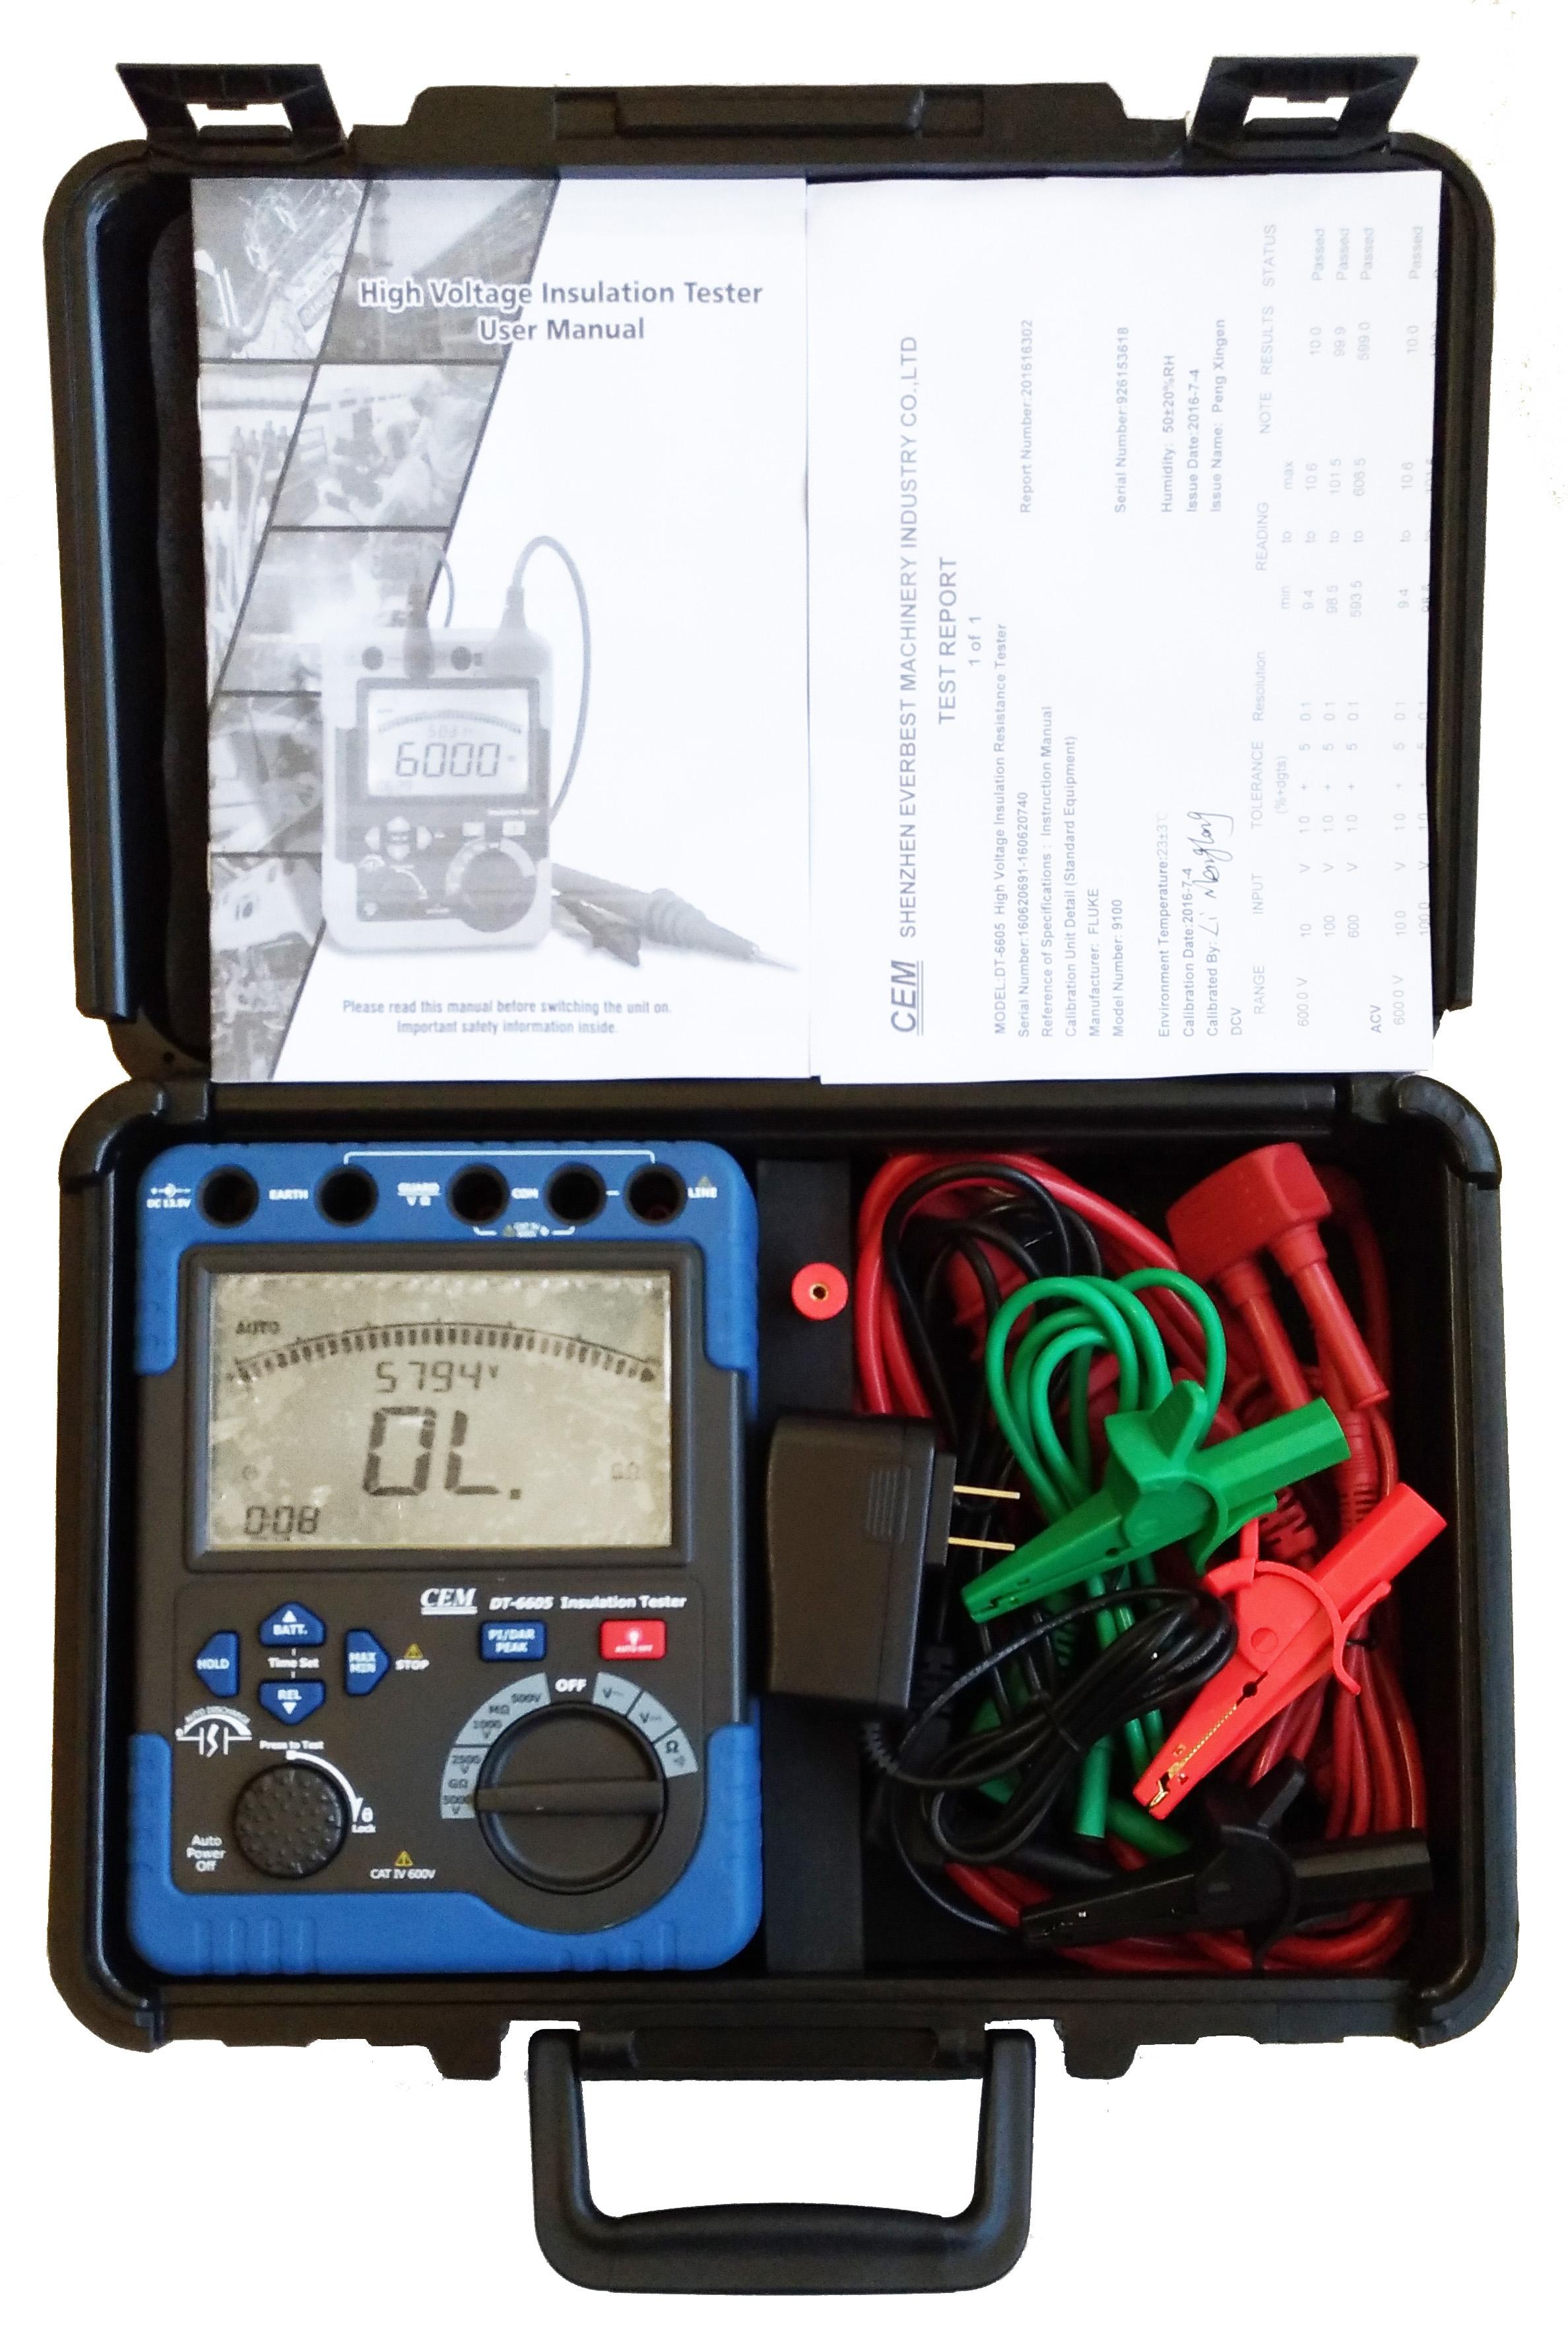 Details about CEM DT-6605 5000V 60 G Ohm Insulation Tester Megger MegOhm  Meter Digital CAT IV